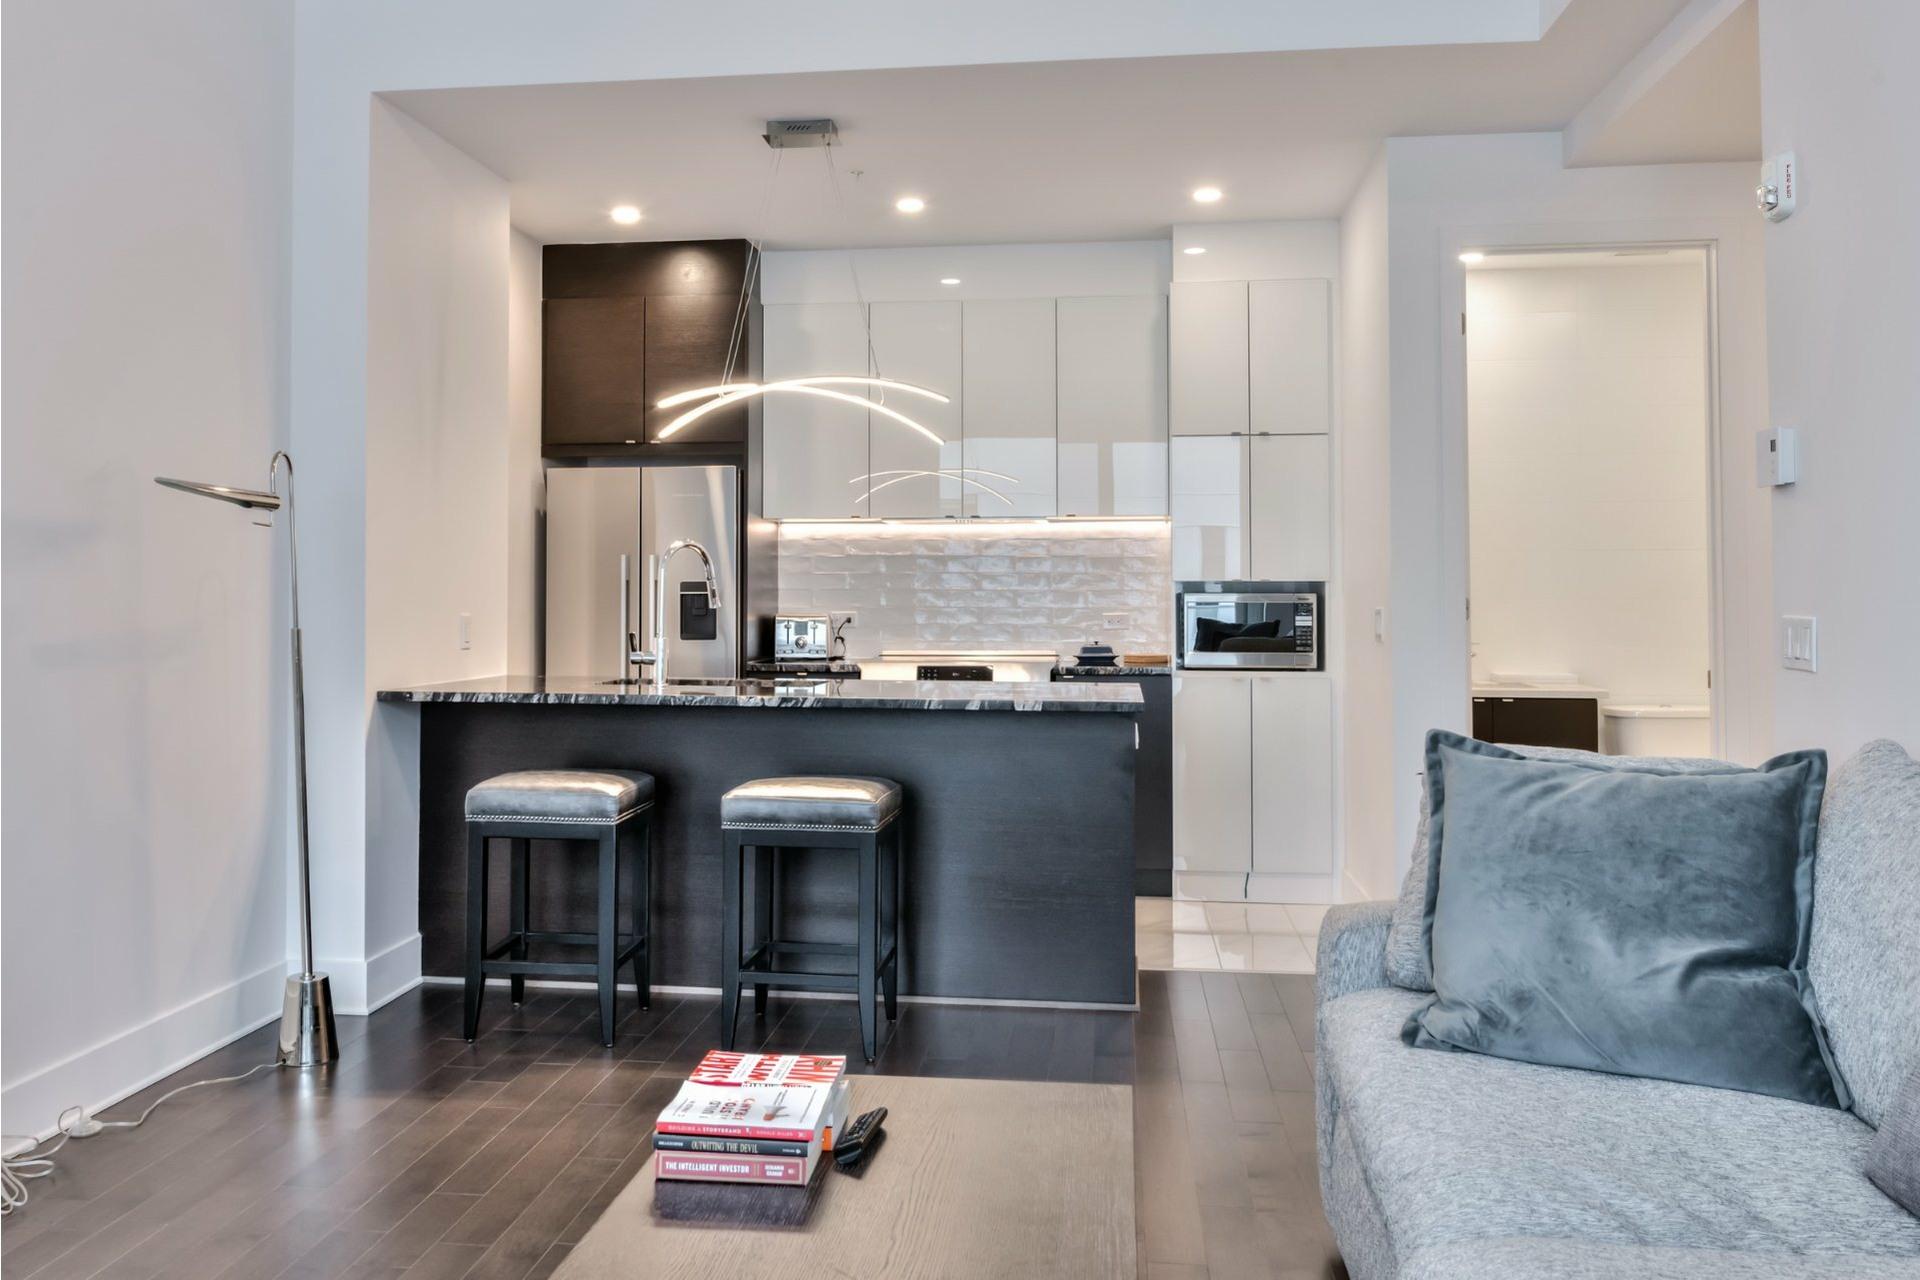 image 5 - Apartment For sale Côte-des-Neiges/Notre-Dame-de-Grâce Montréal  - 4 rooms